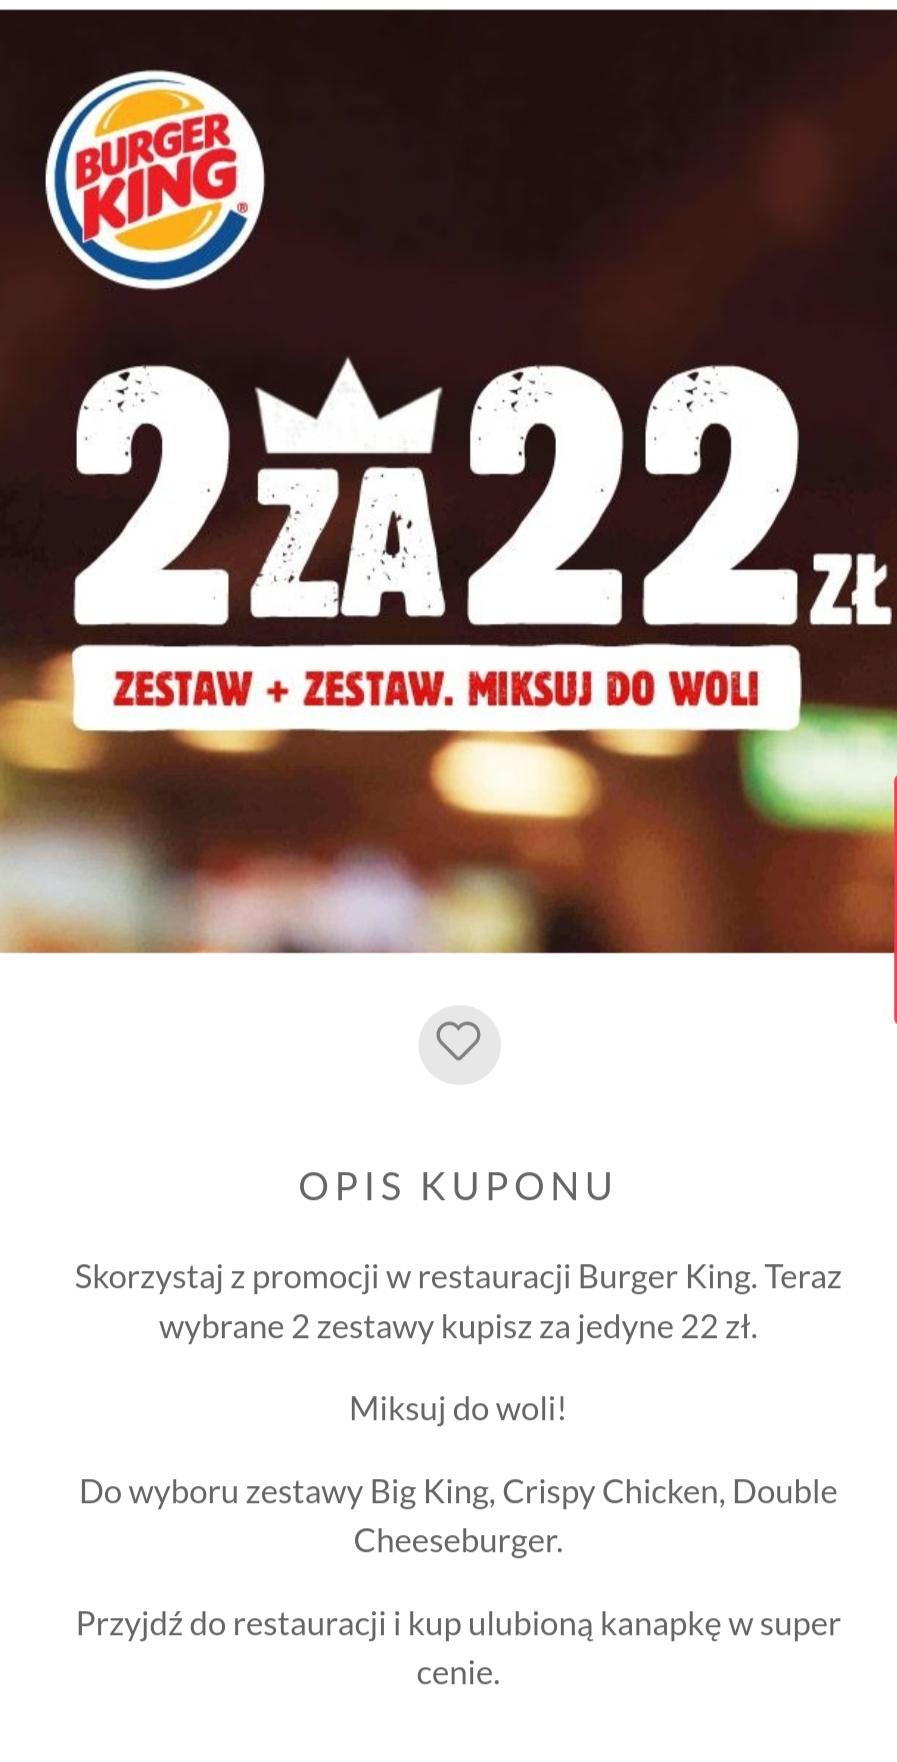 2x zestaw za 22 zł w Burger King